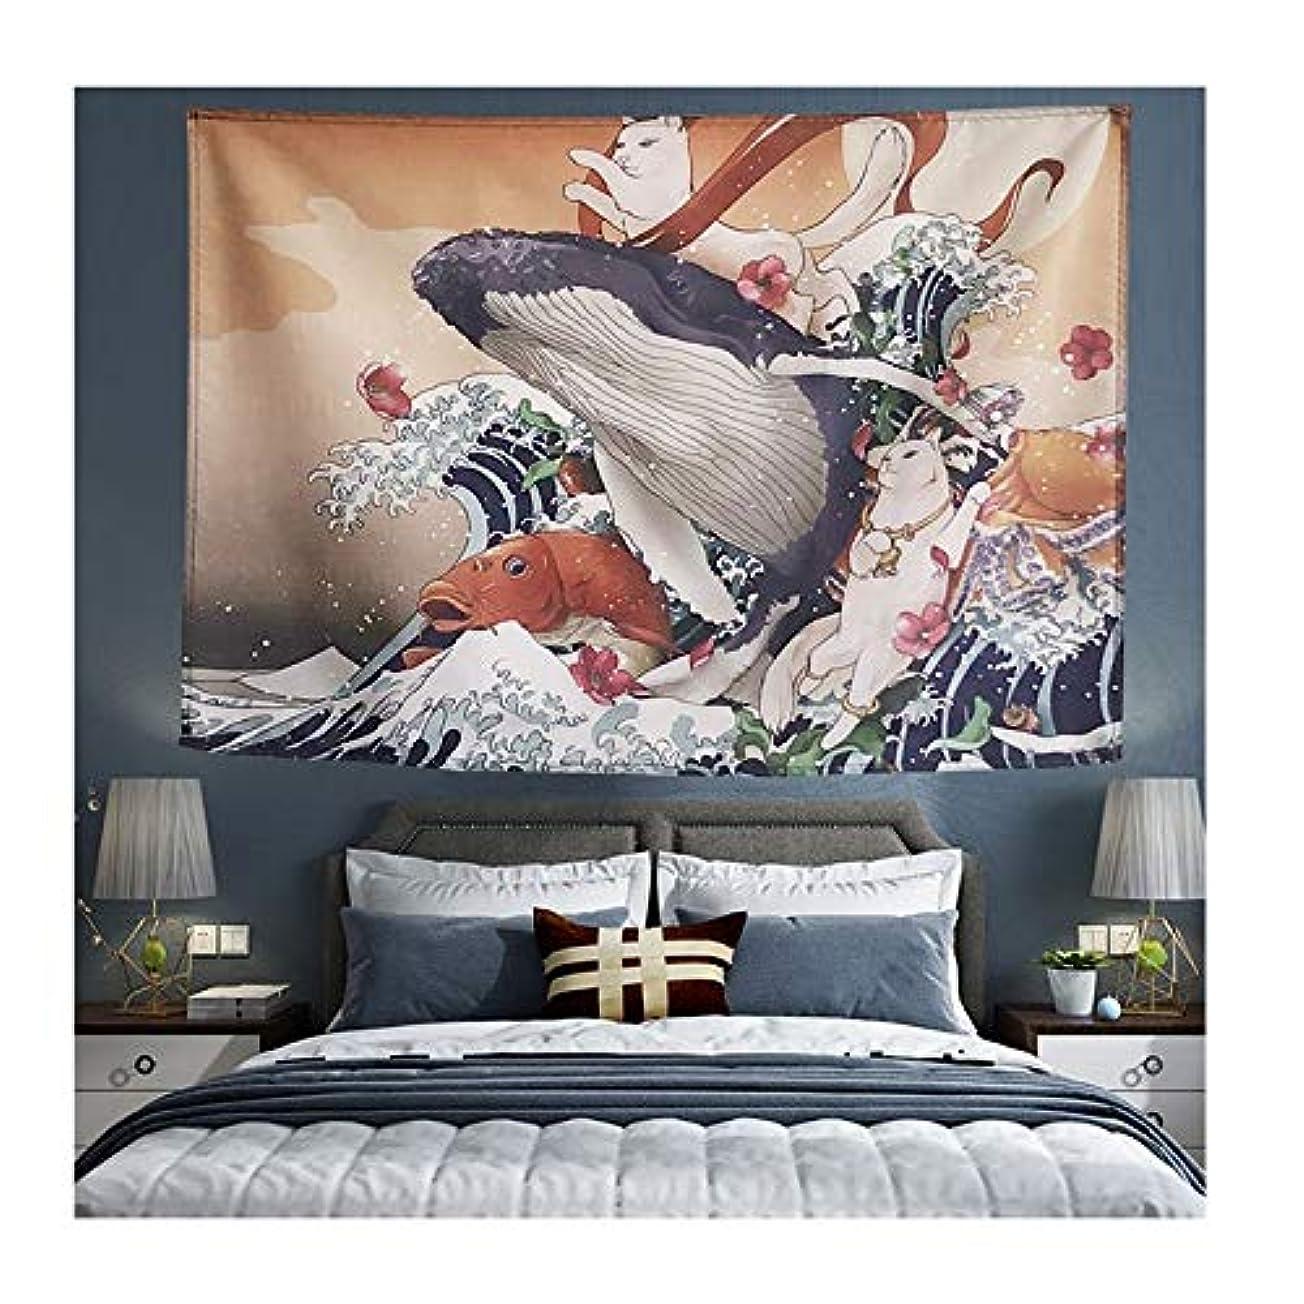 ラボ熱心展示会レトロな装飾的なタペストリーアニメ吊り寮の寝室の壁装壁アートタペストリー-190CM×125CM NTWXY